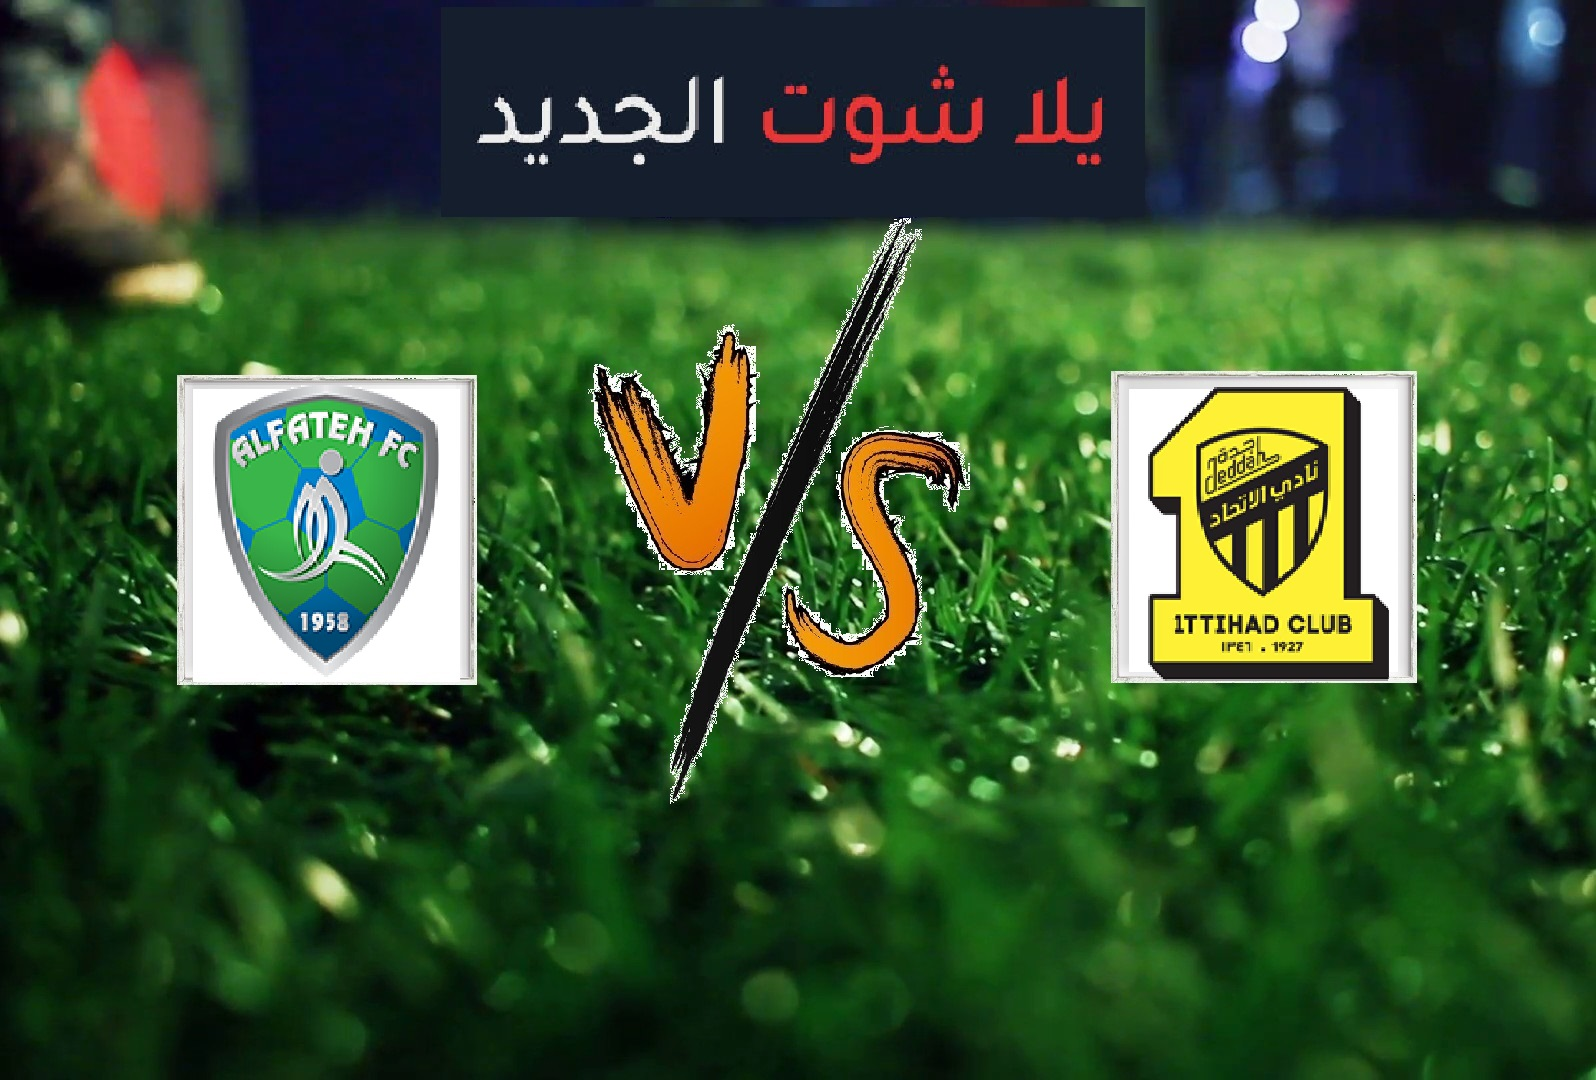 نتيجة مباراة الاتحاد والفتح اليوم السبت بتاريخ 11-05-2019 الدوري السعودي